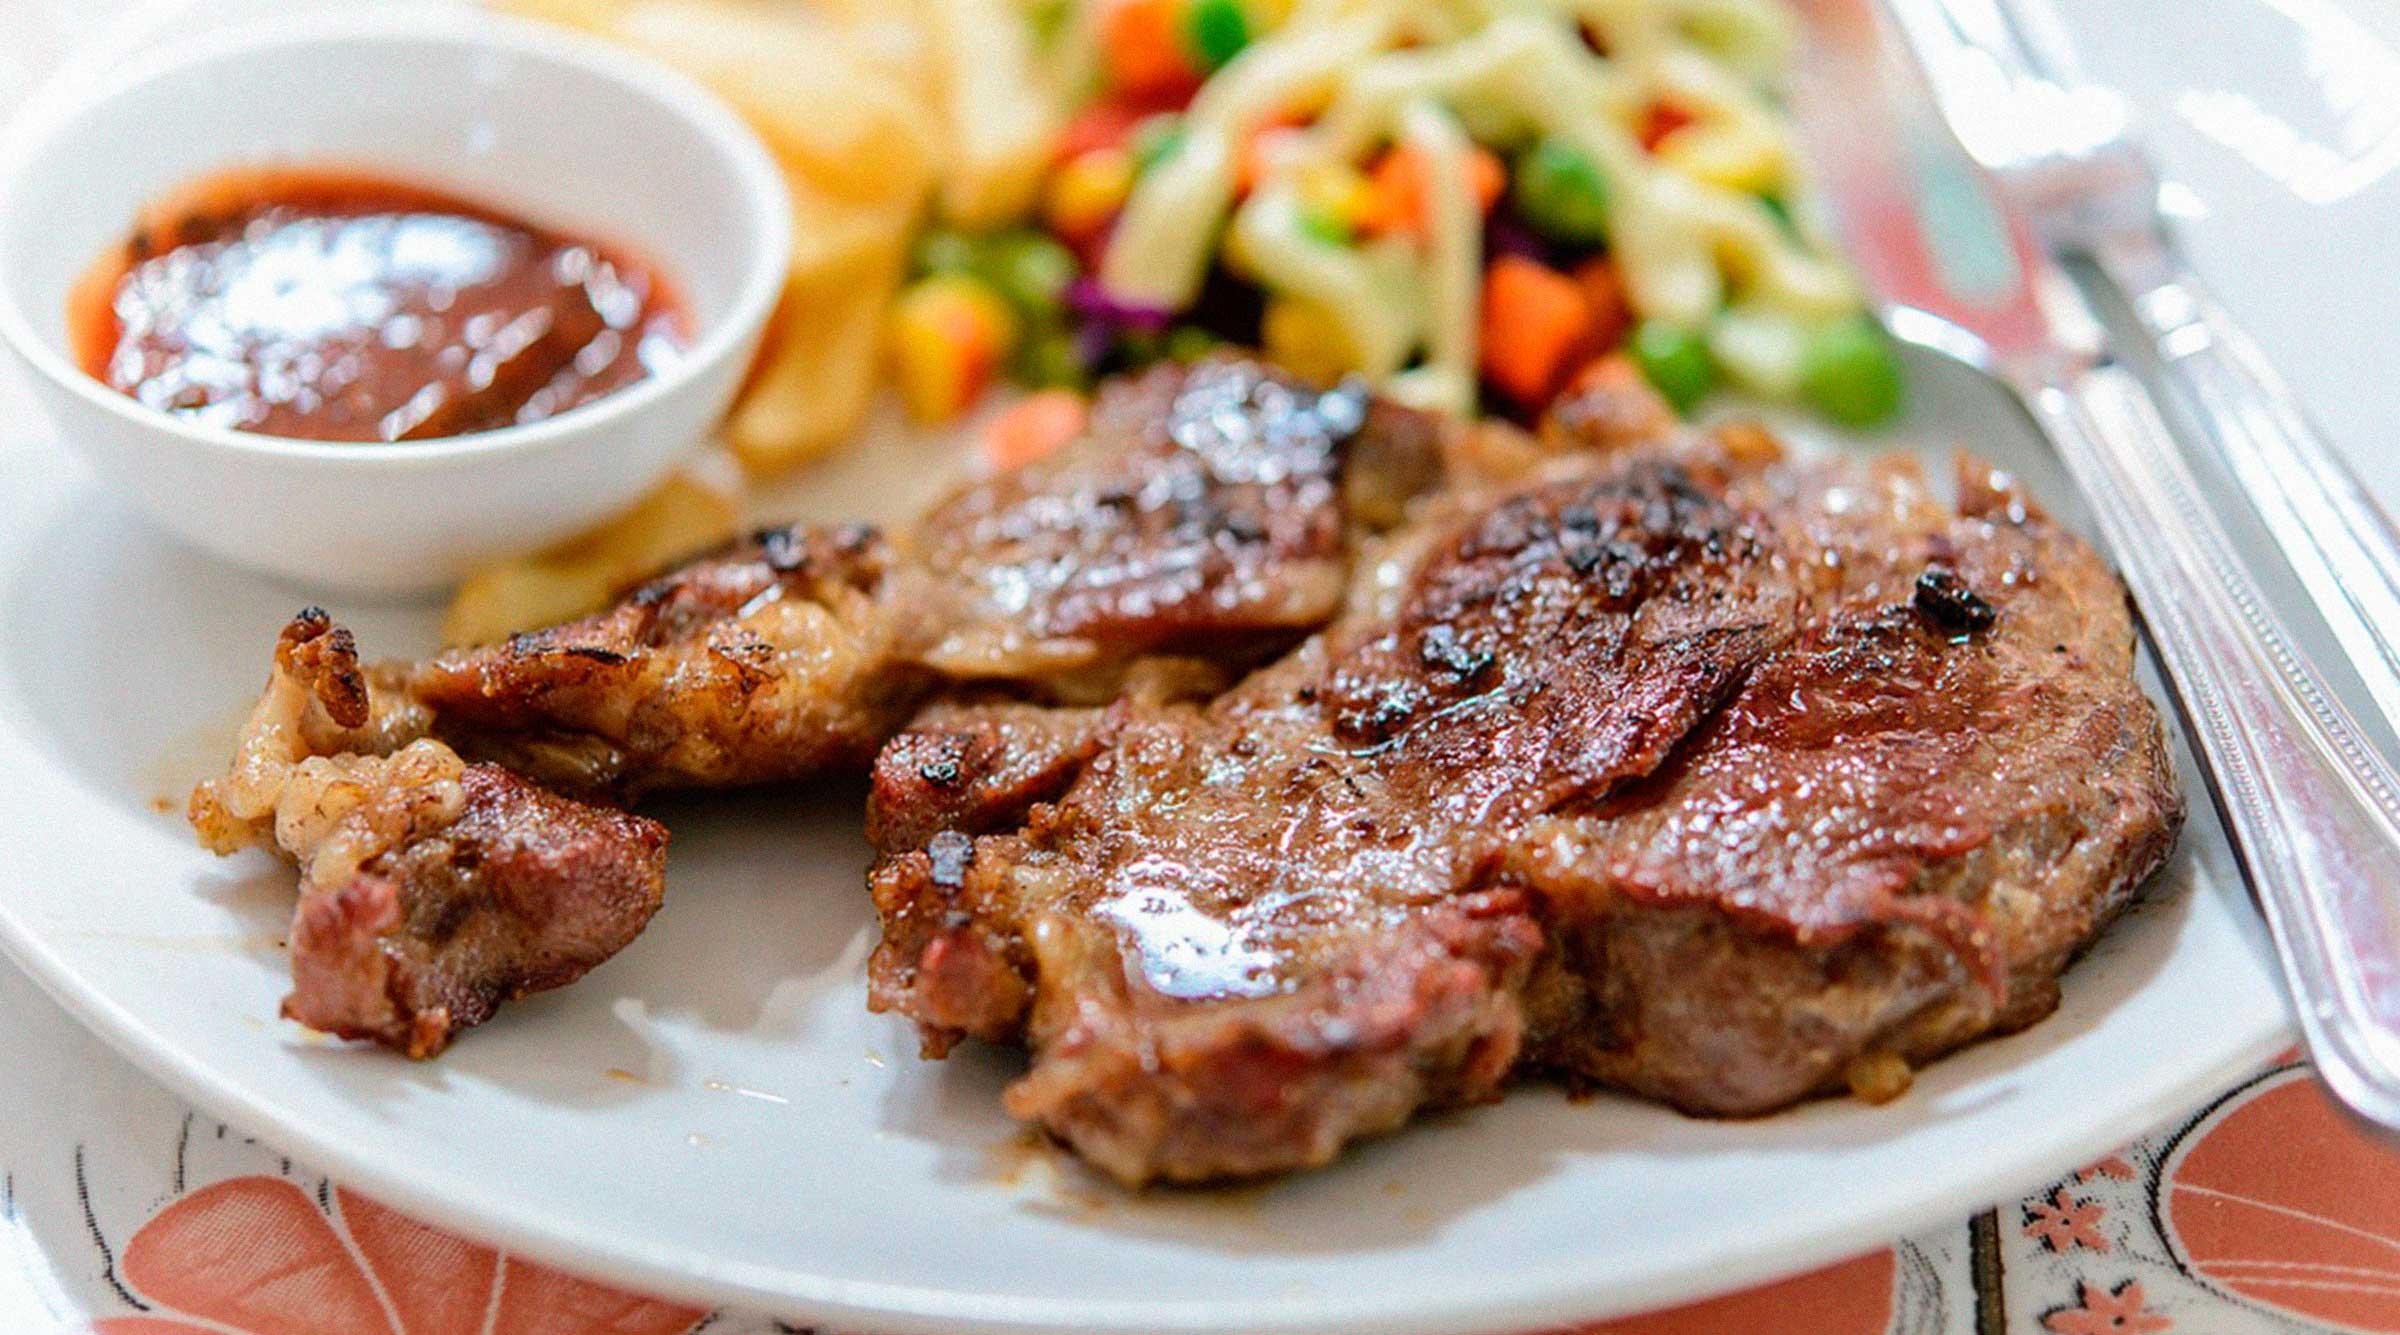 carne-comida-plato-tenedor-del-pasto-al-plato-azti